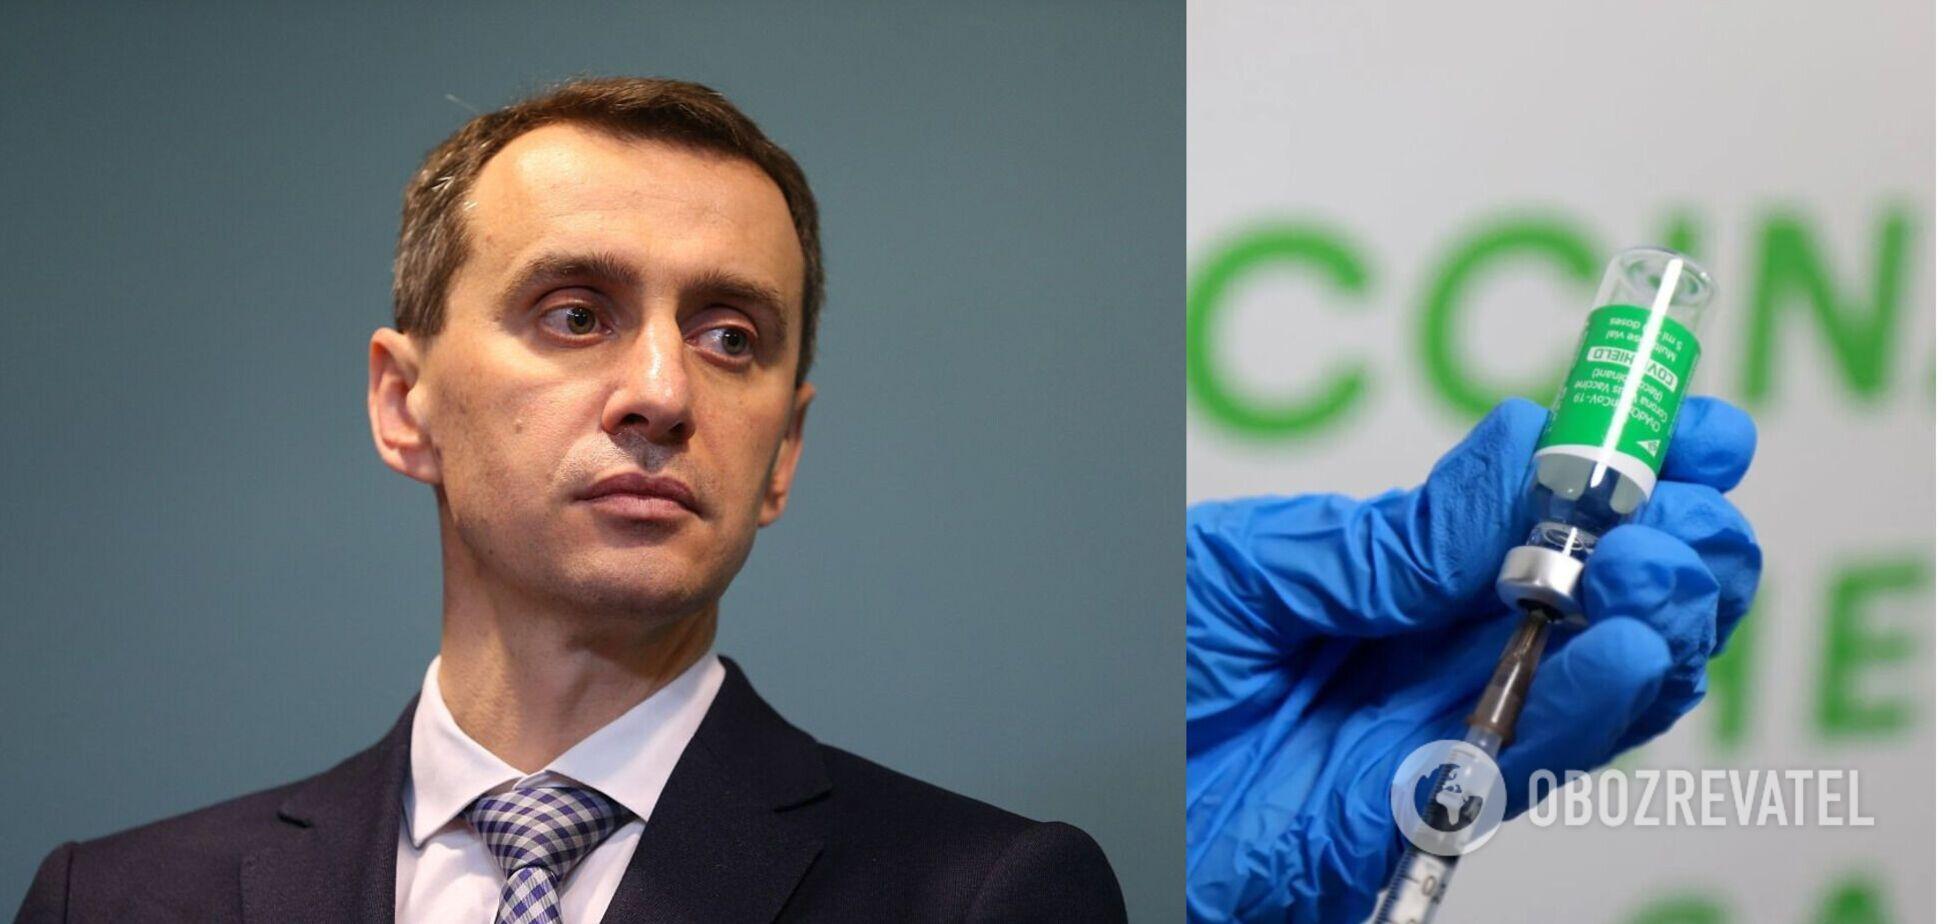 Ляшко: в Україні можуть робити до 11 млн щеплень від COVID-19 на місяць